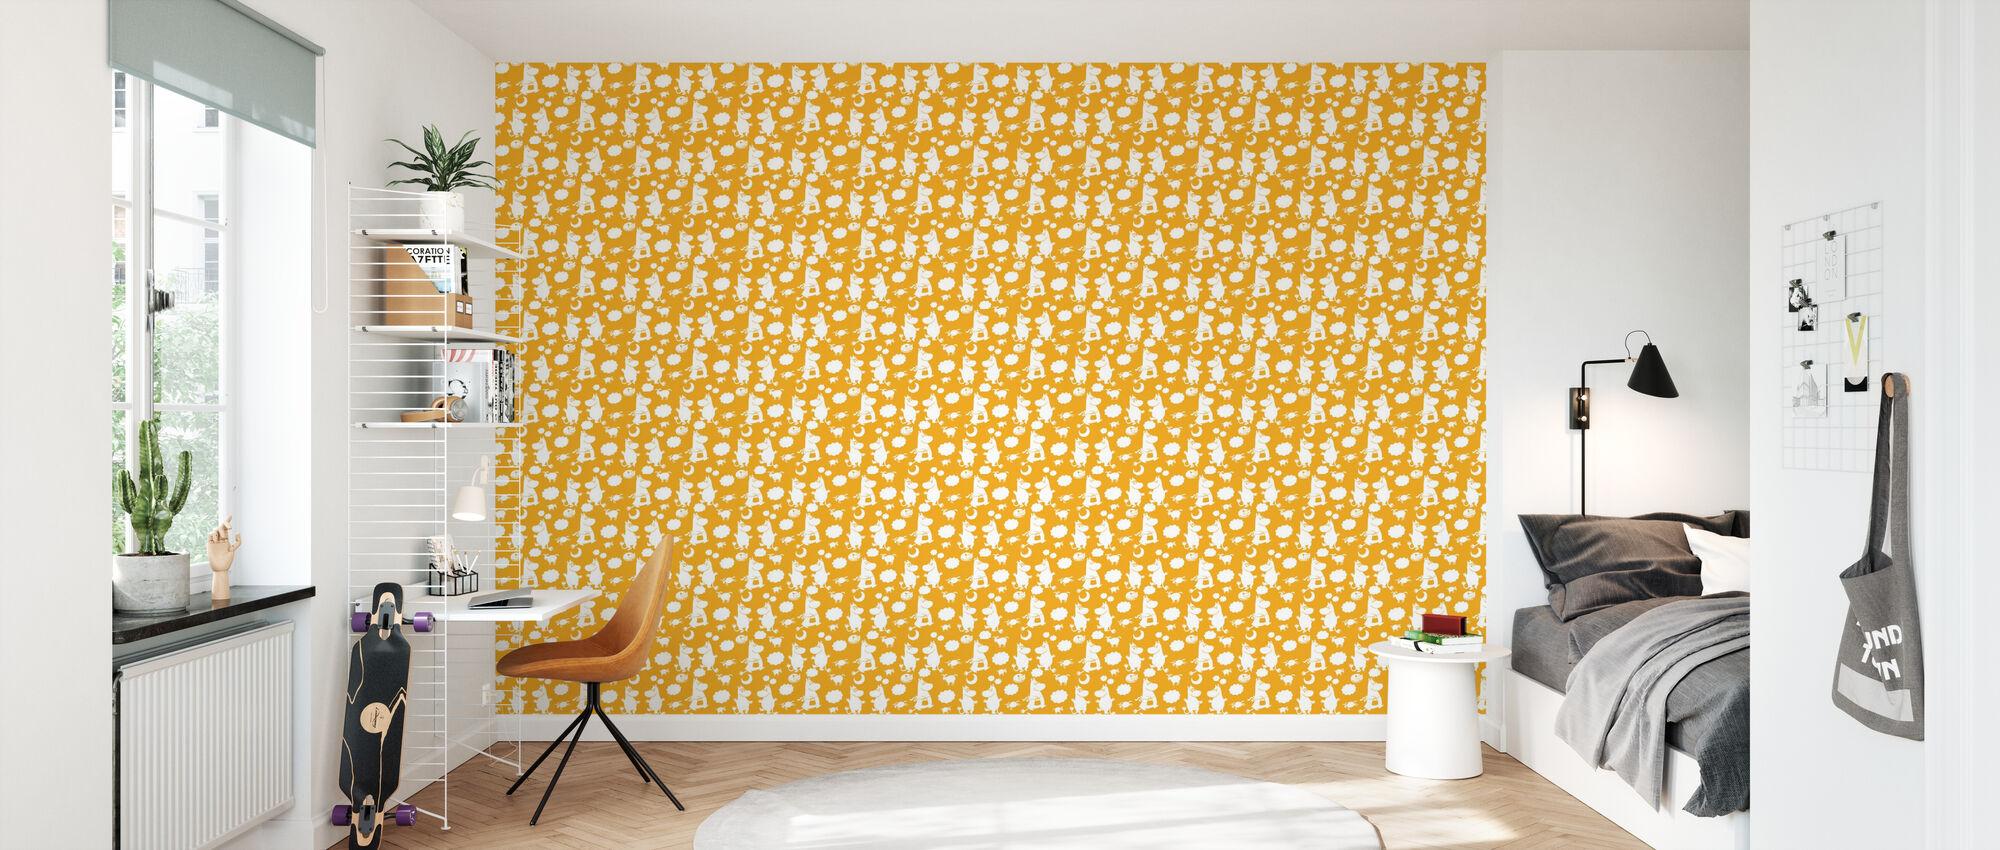 Moomin Retro Patroon - Geel - Behang - Kinderkamer